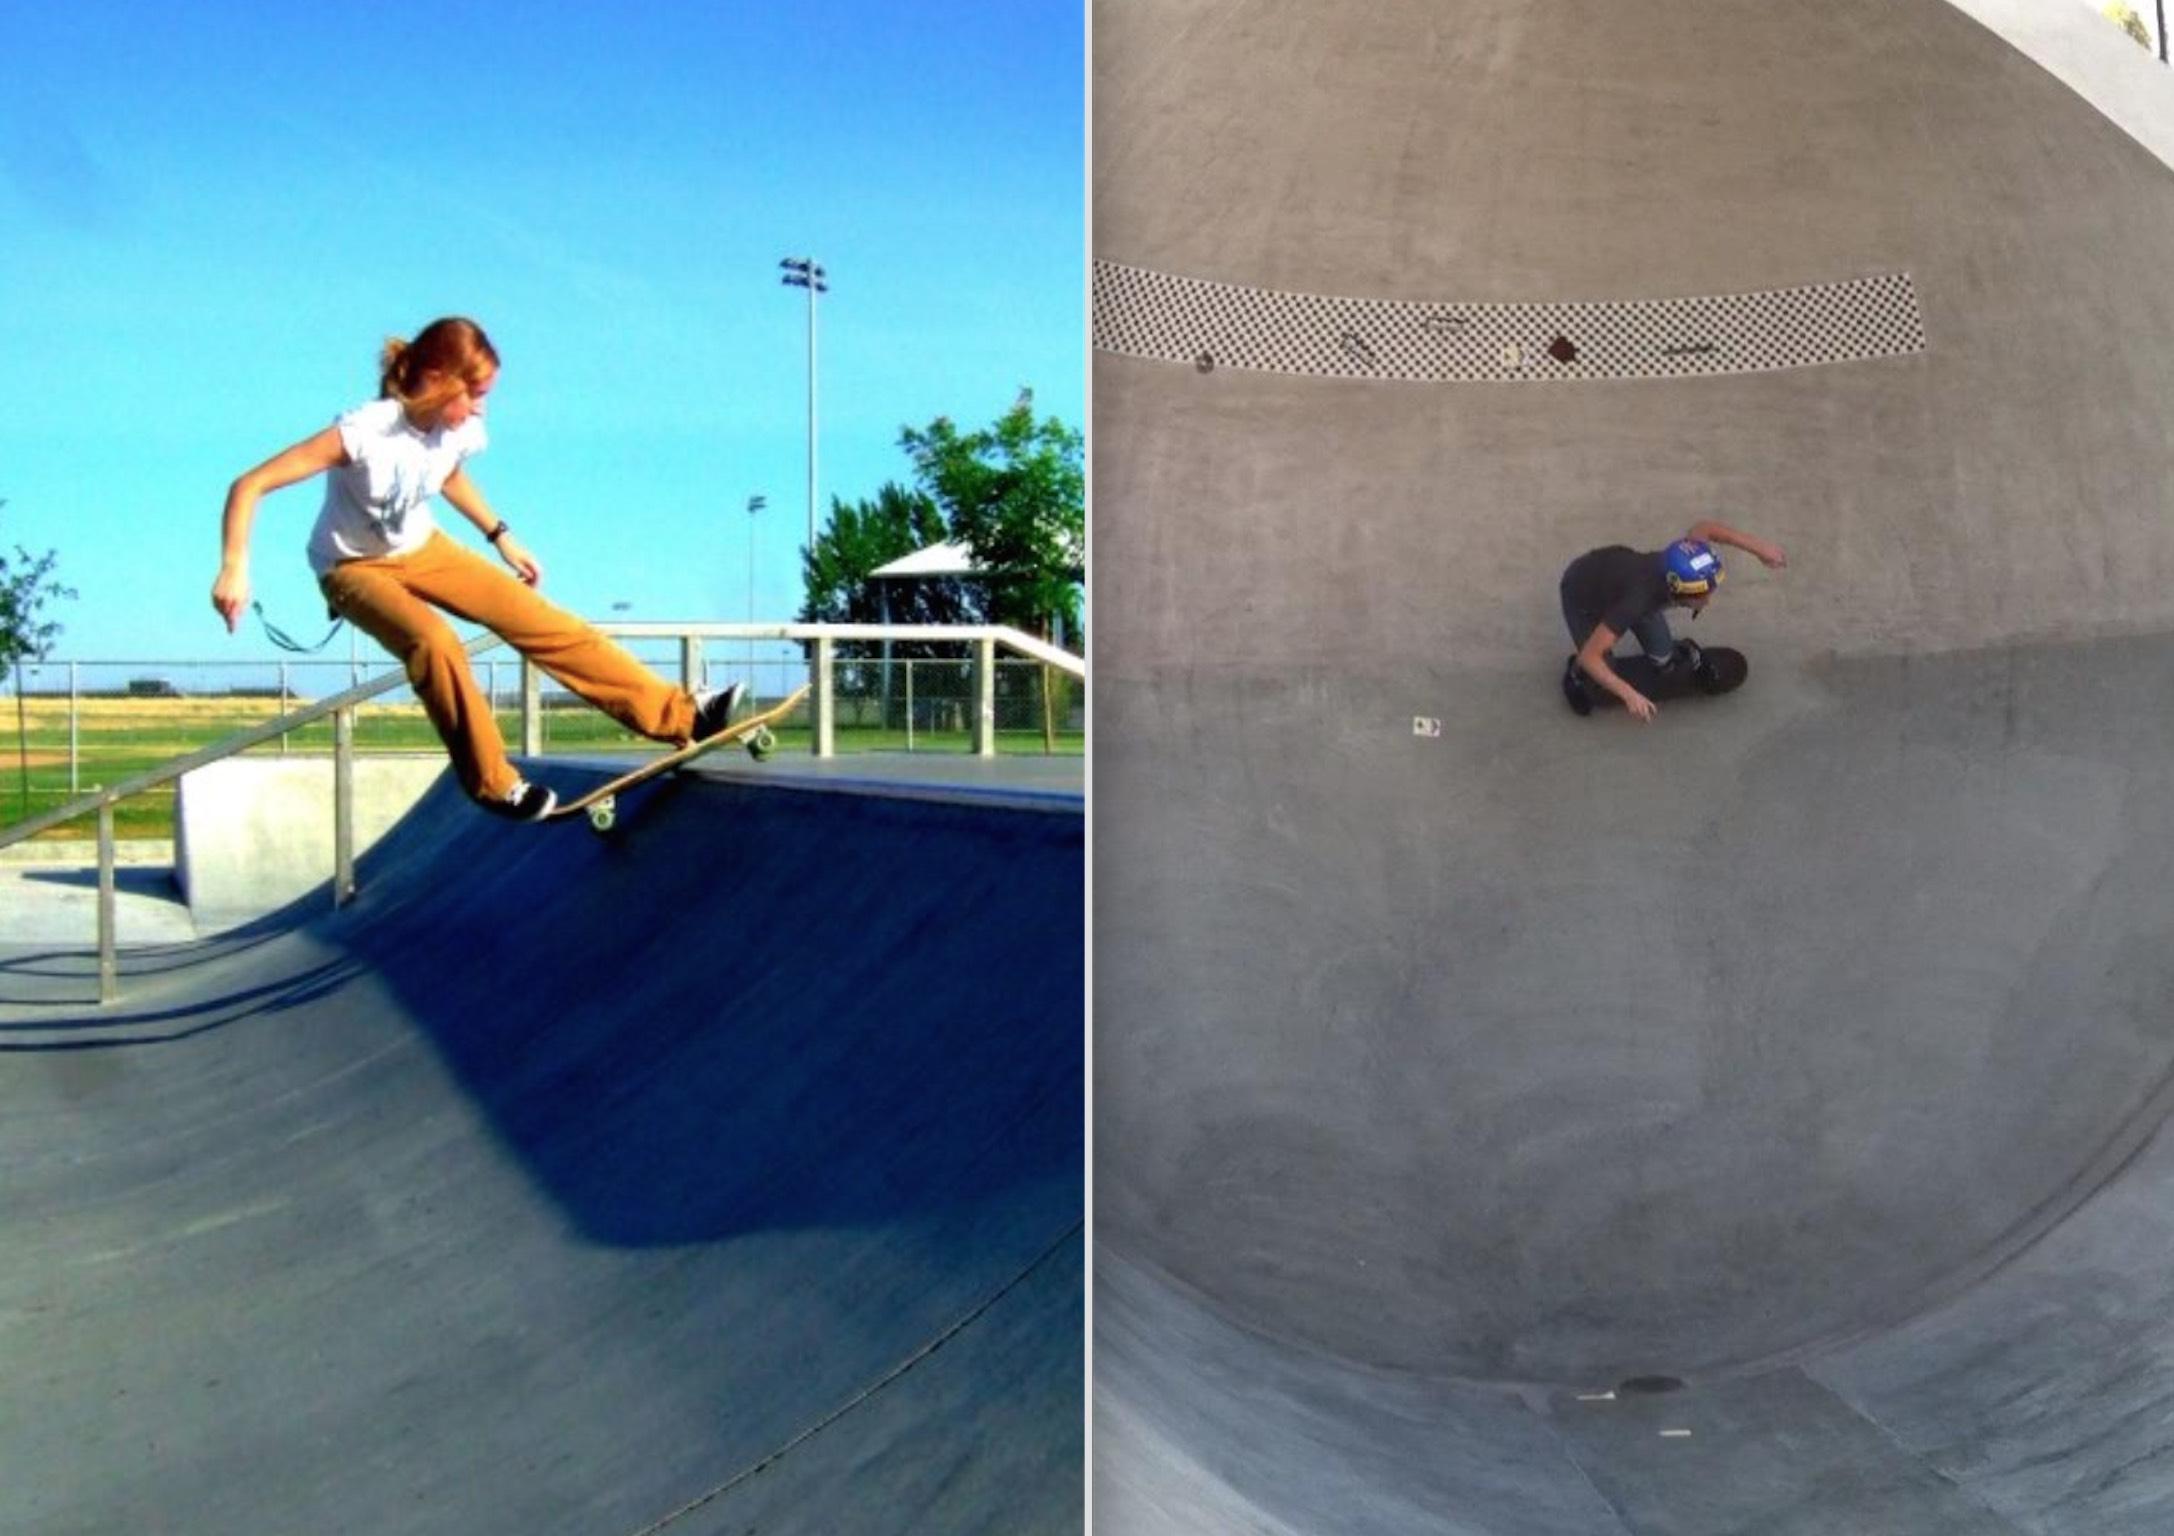 Vegan Skateboarder Erica Shultz